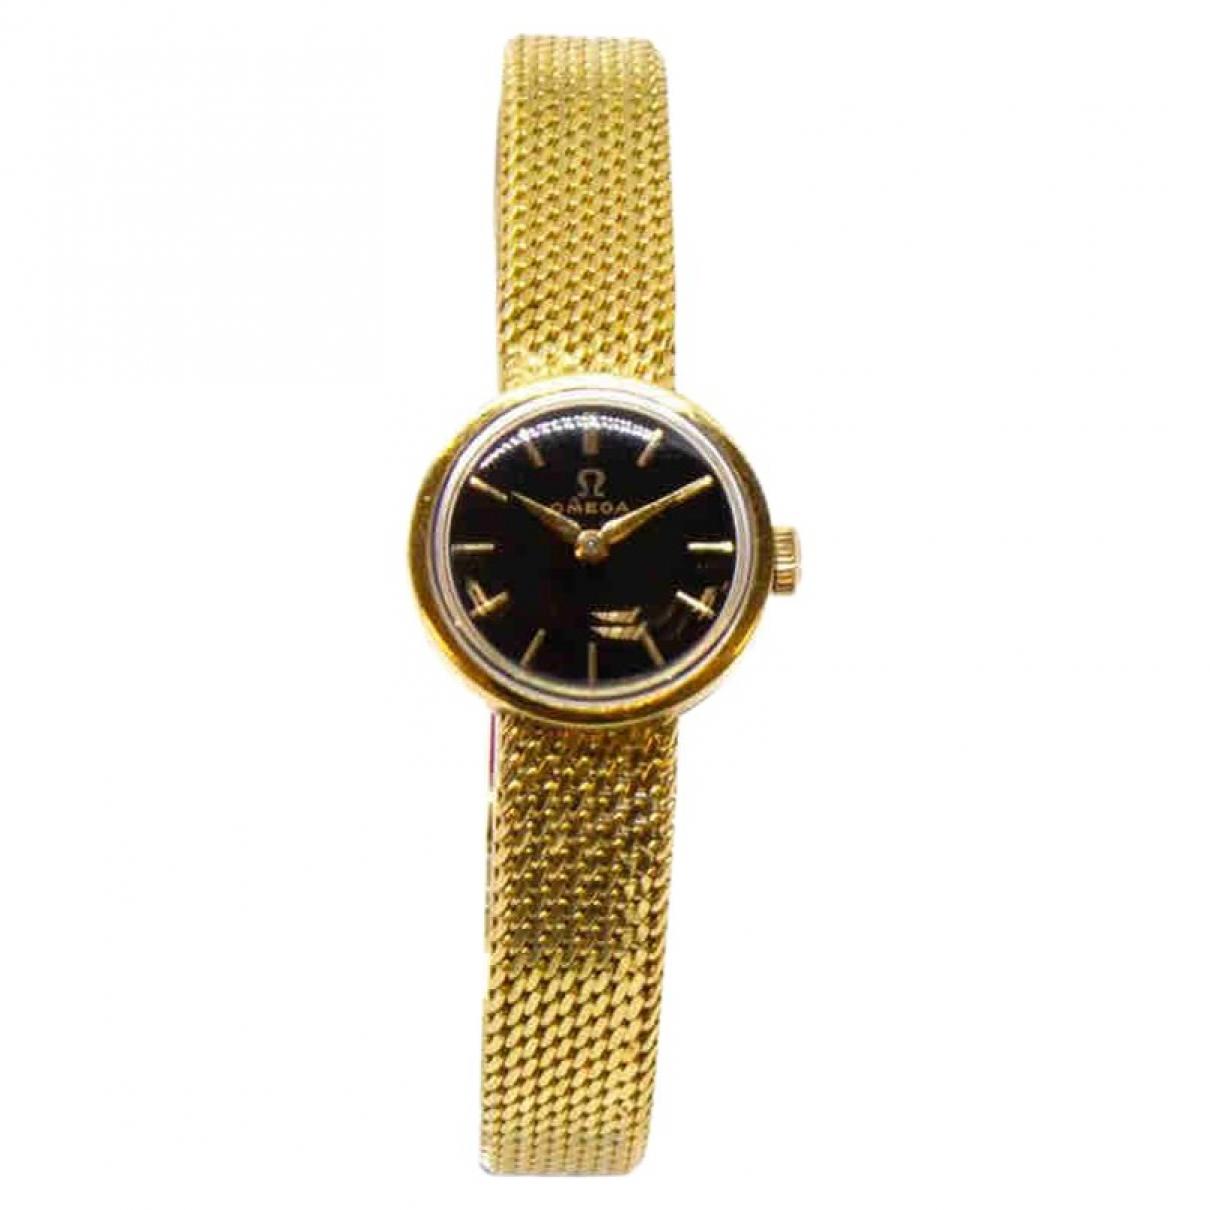 Omega - Montre   pour femme en or jaune - dore